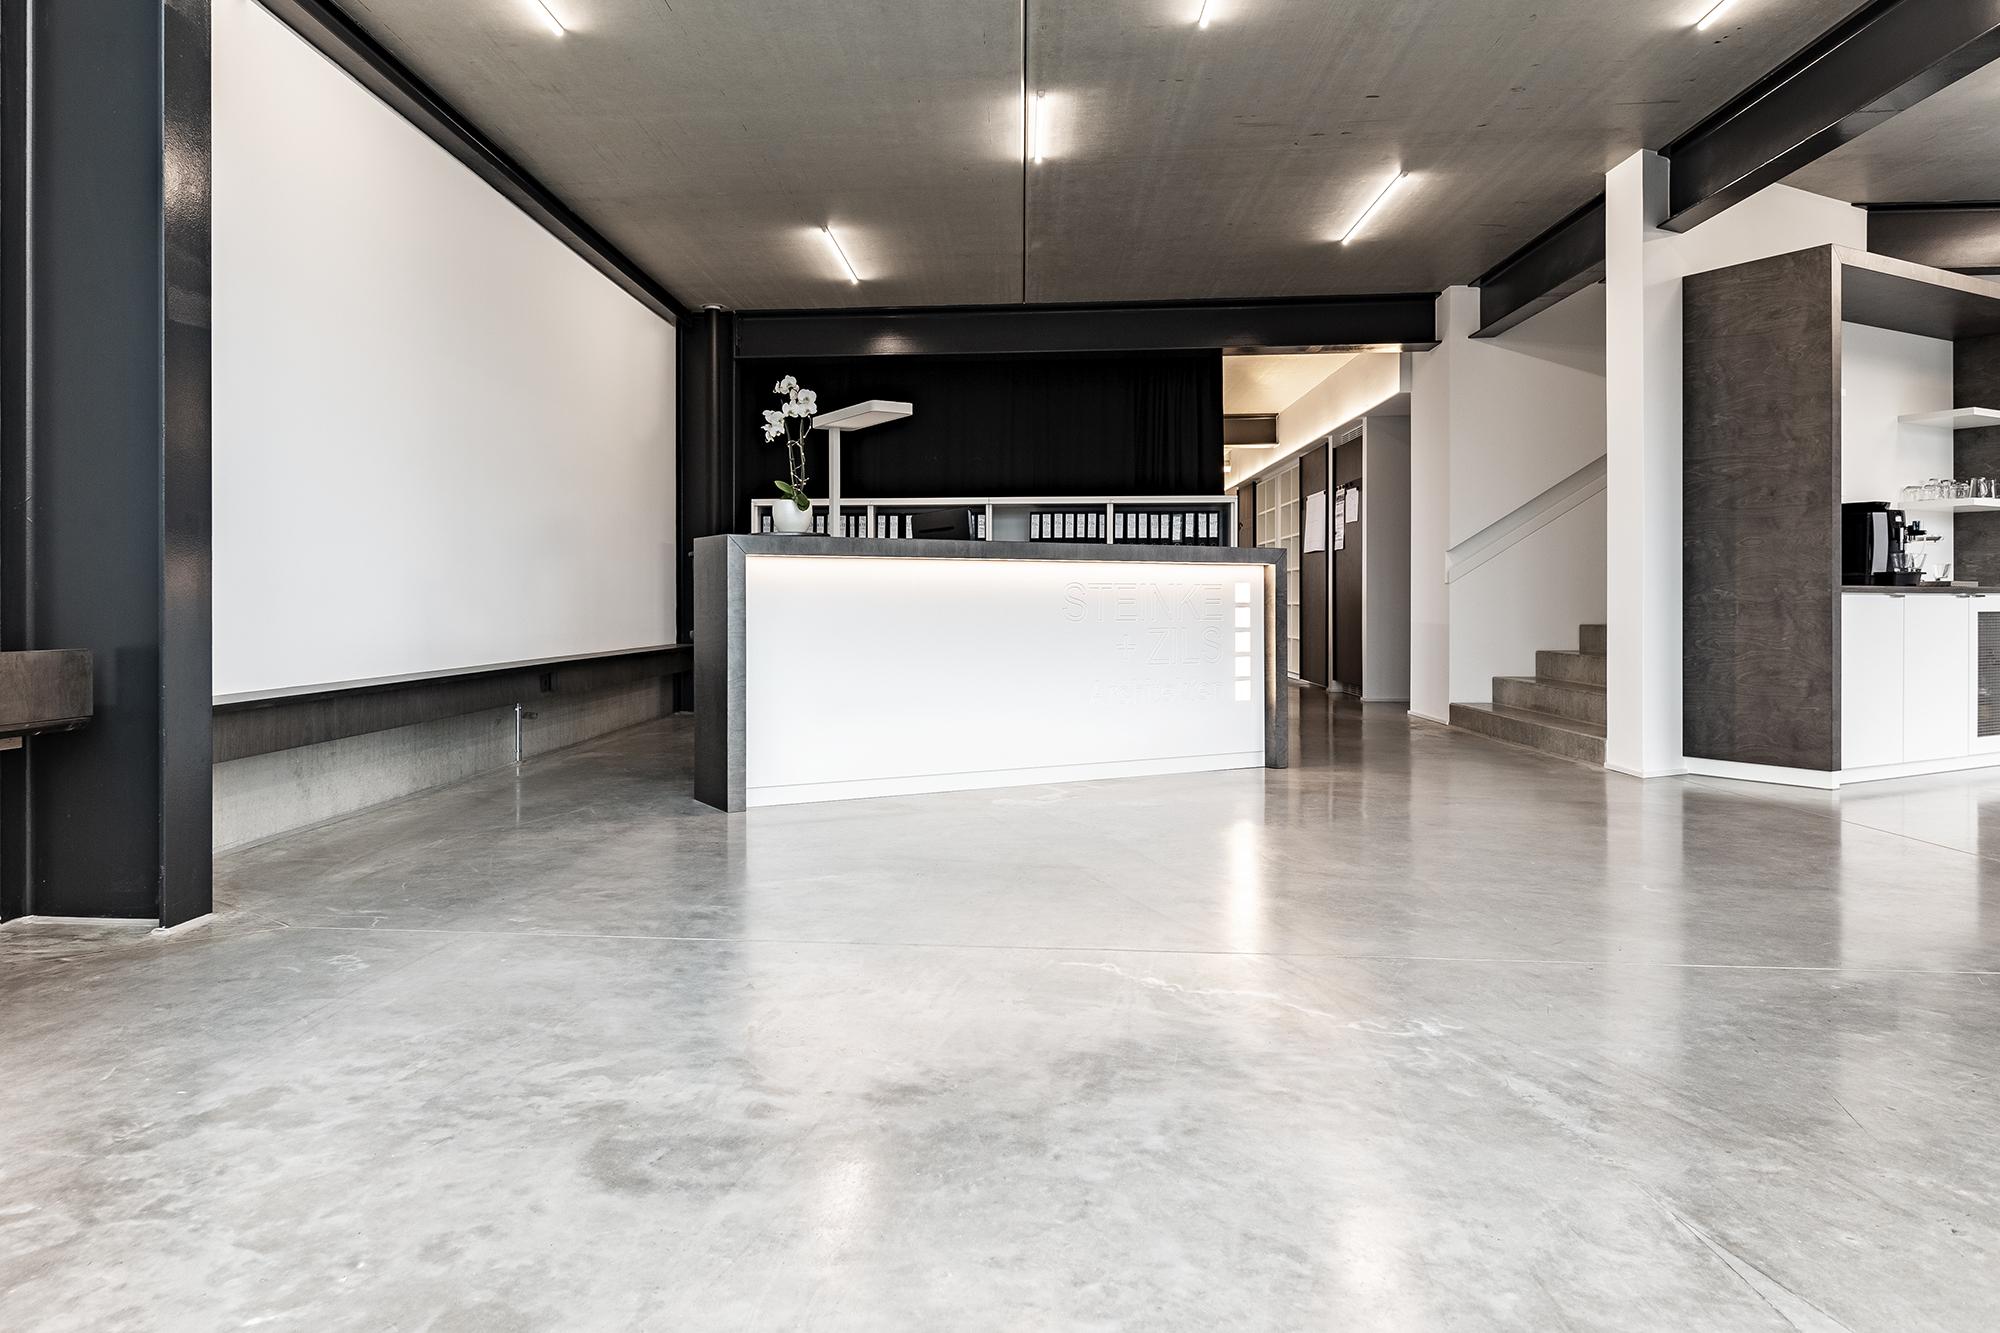 Architekturbüro Steinke + Zils, Marl